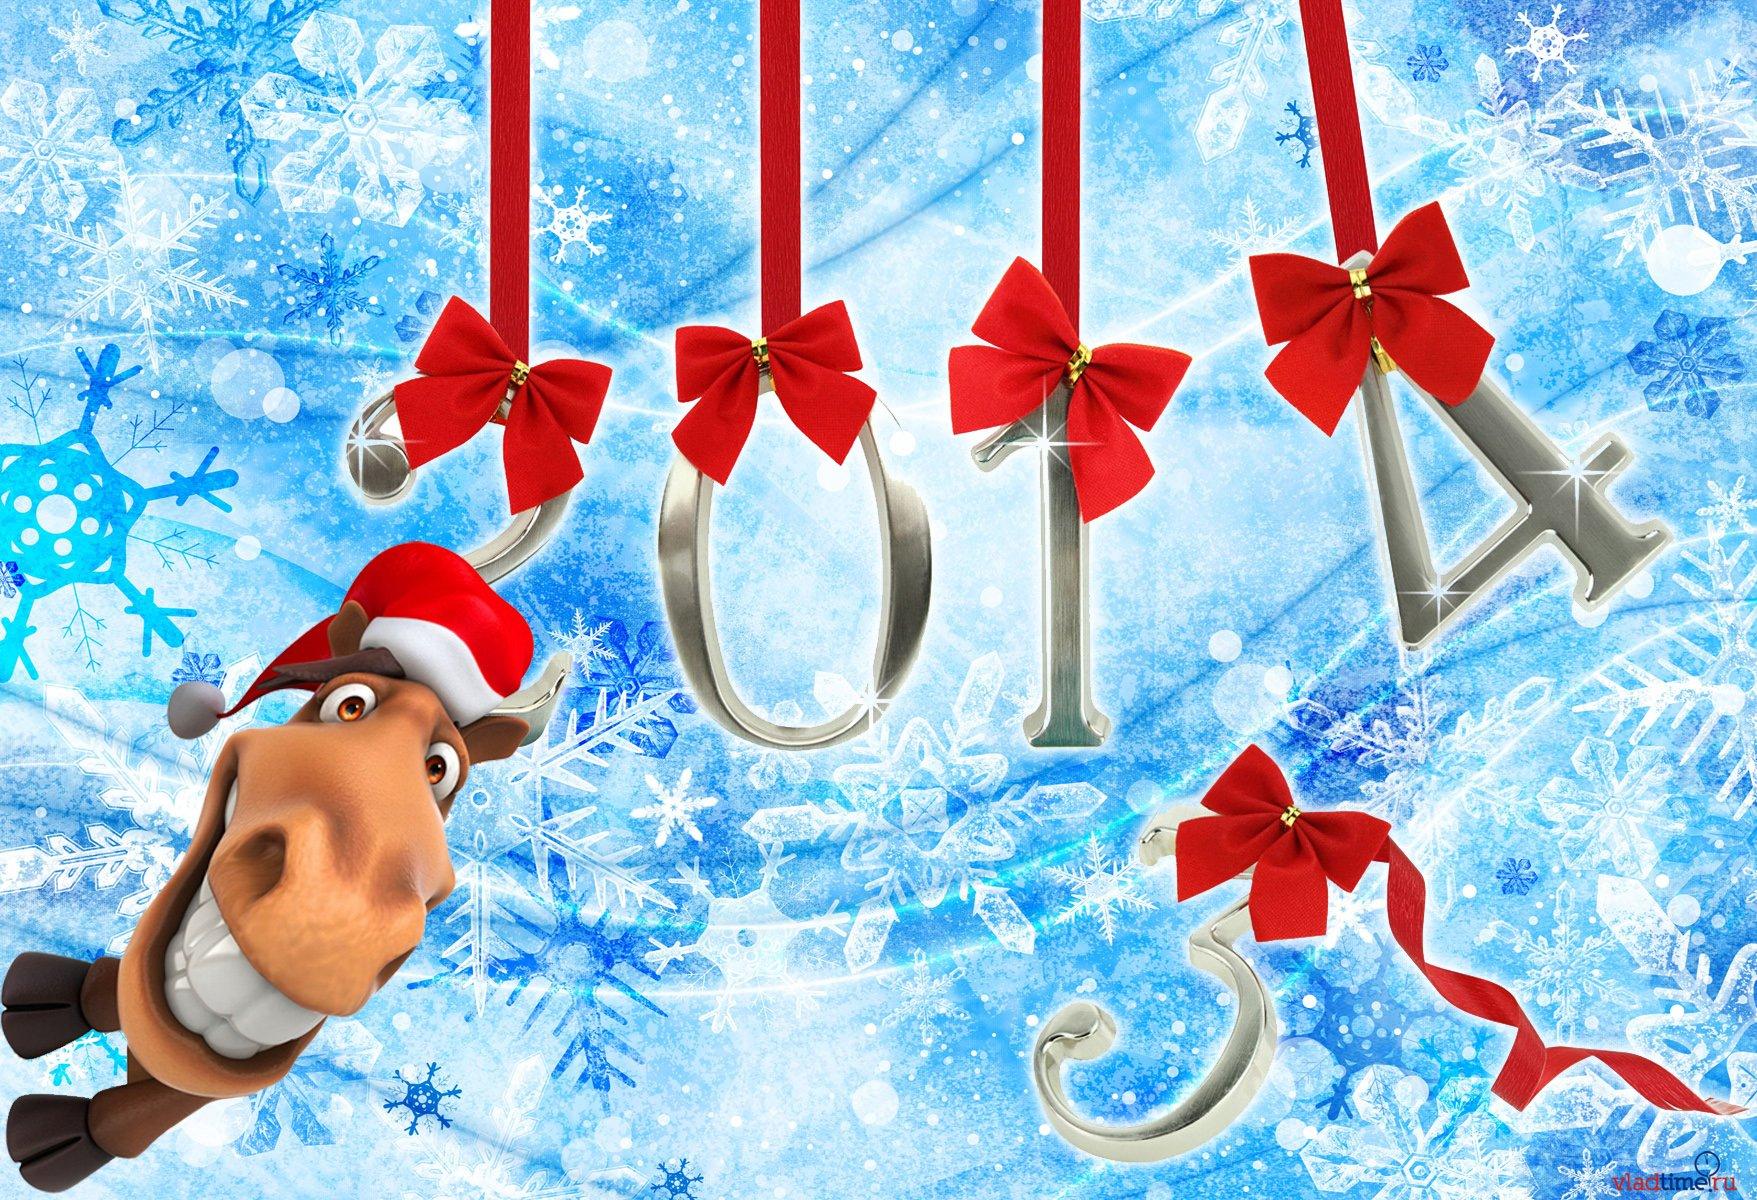 Картинки с новым годом 2014 год лошади с поздравлениями